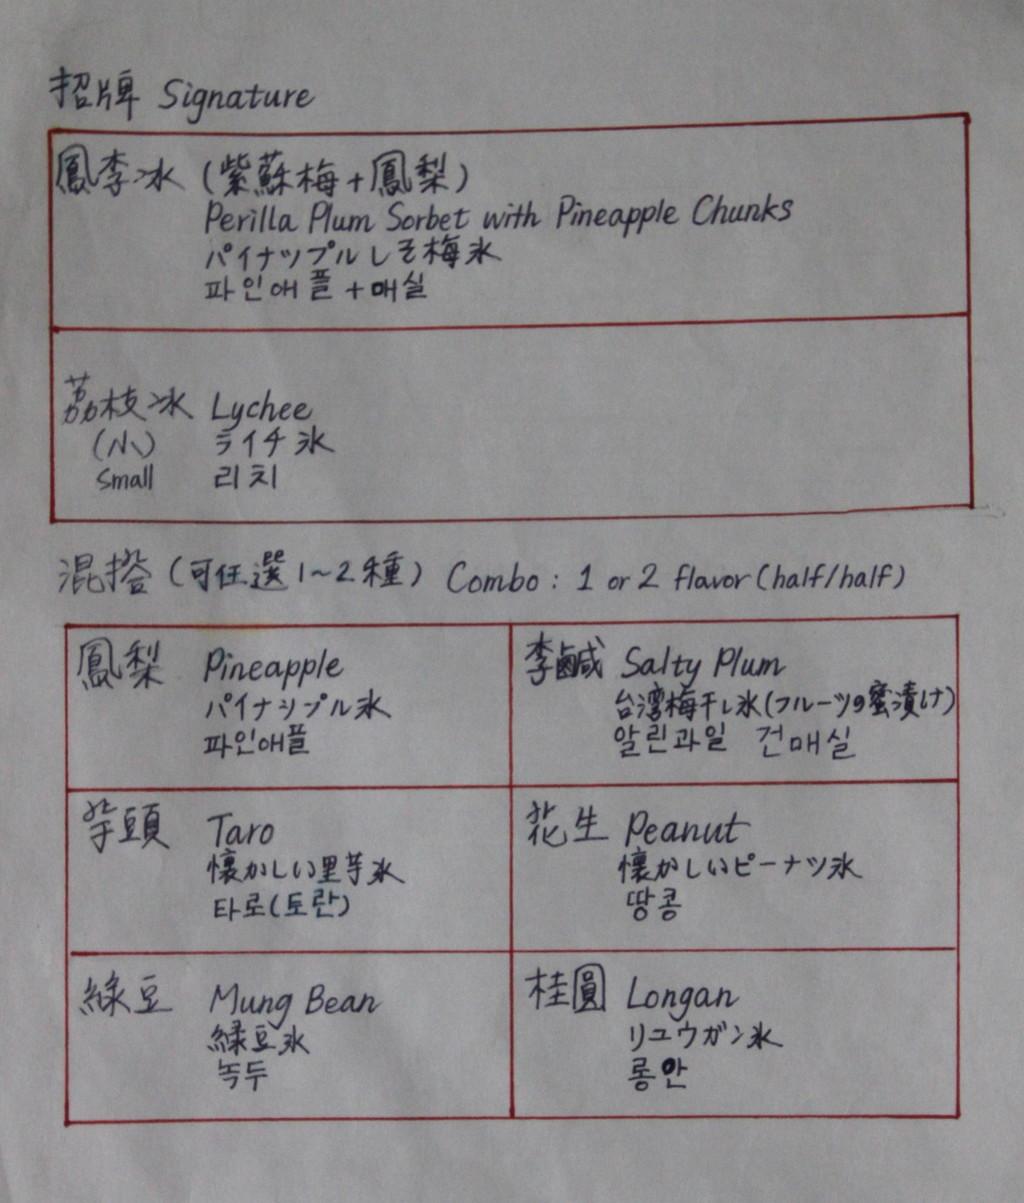 メニュー(日本語つき)